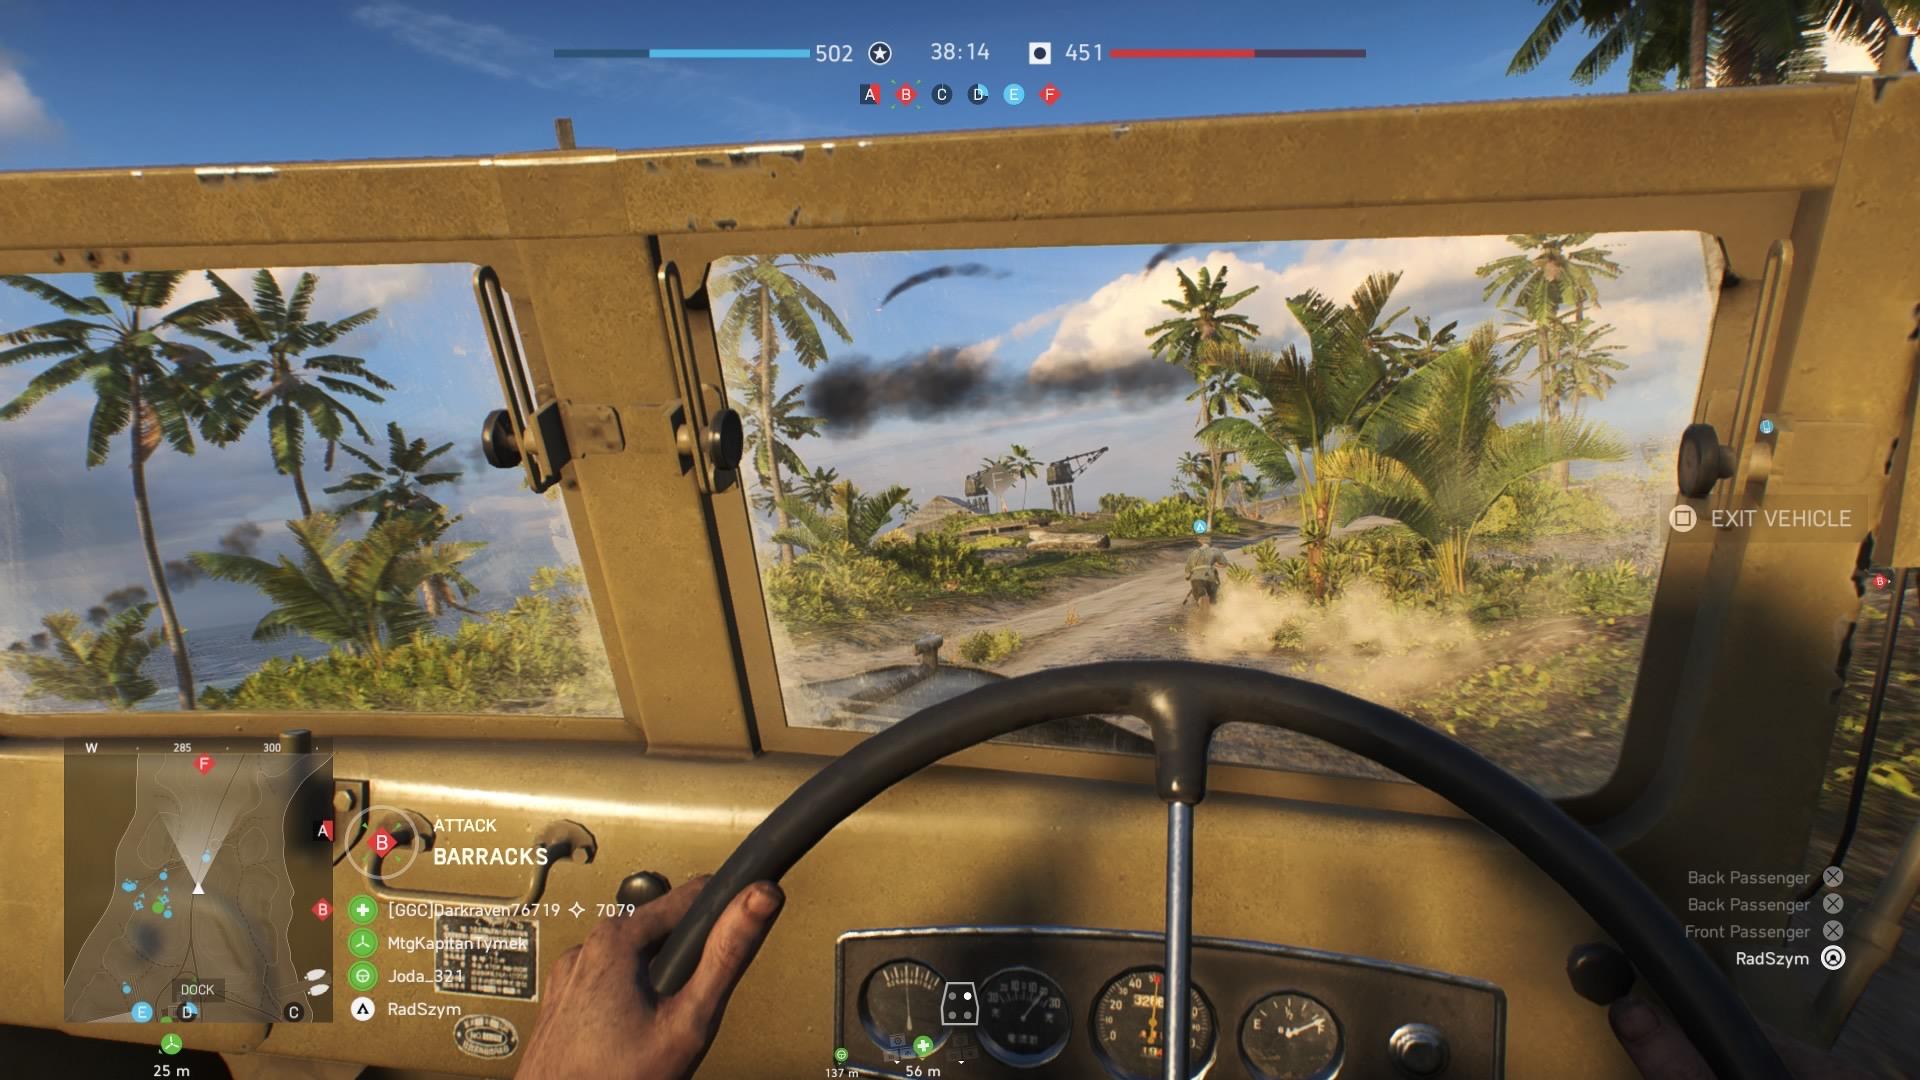 Wake irla ikonikoa Battlefield V.-en dago jada. Mapa eder batek ibilgailuen eta gerra osoaren gainean jartzen du arreta, baina jokalariek amorru handia dute